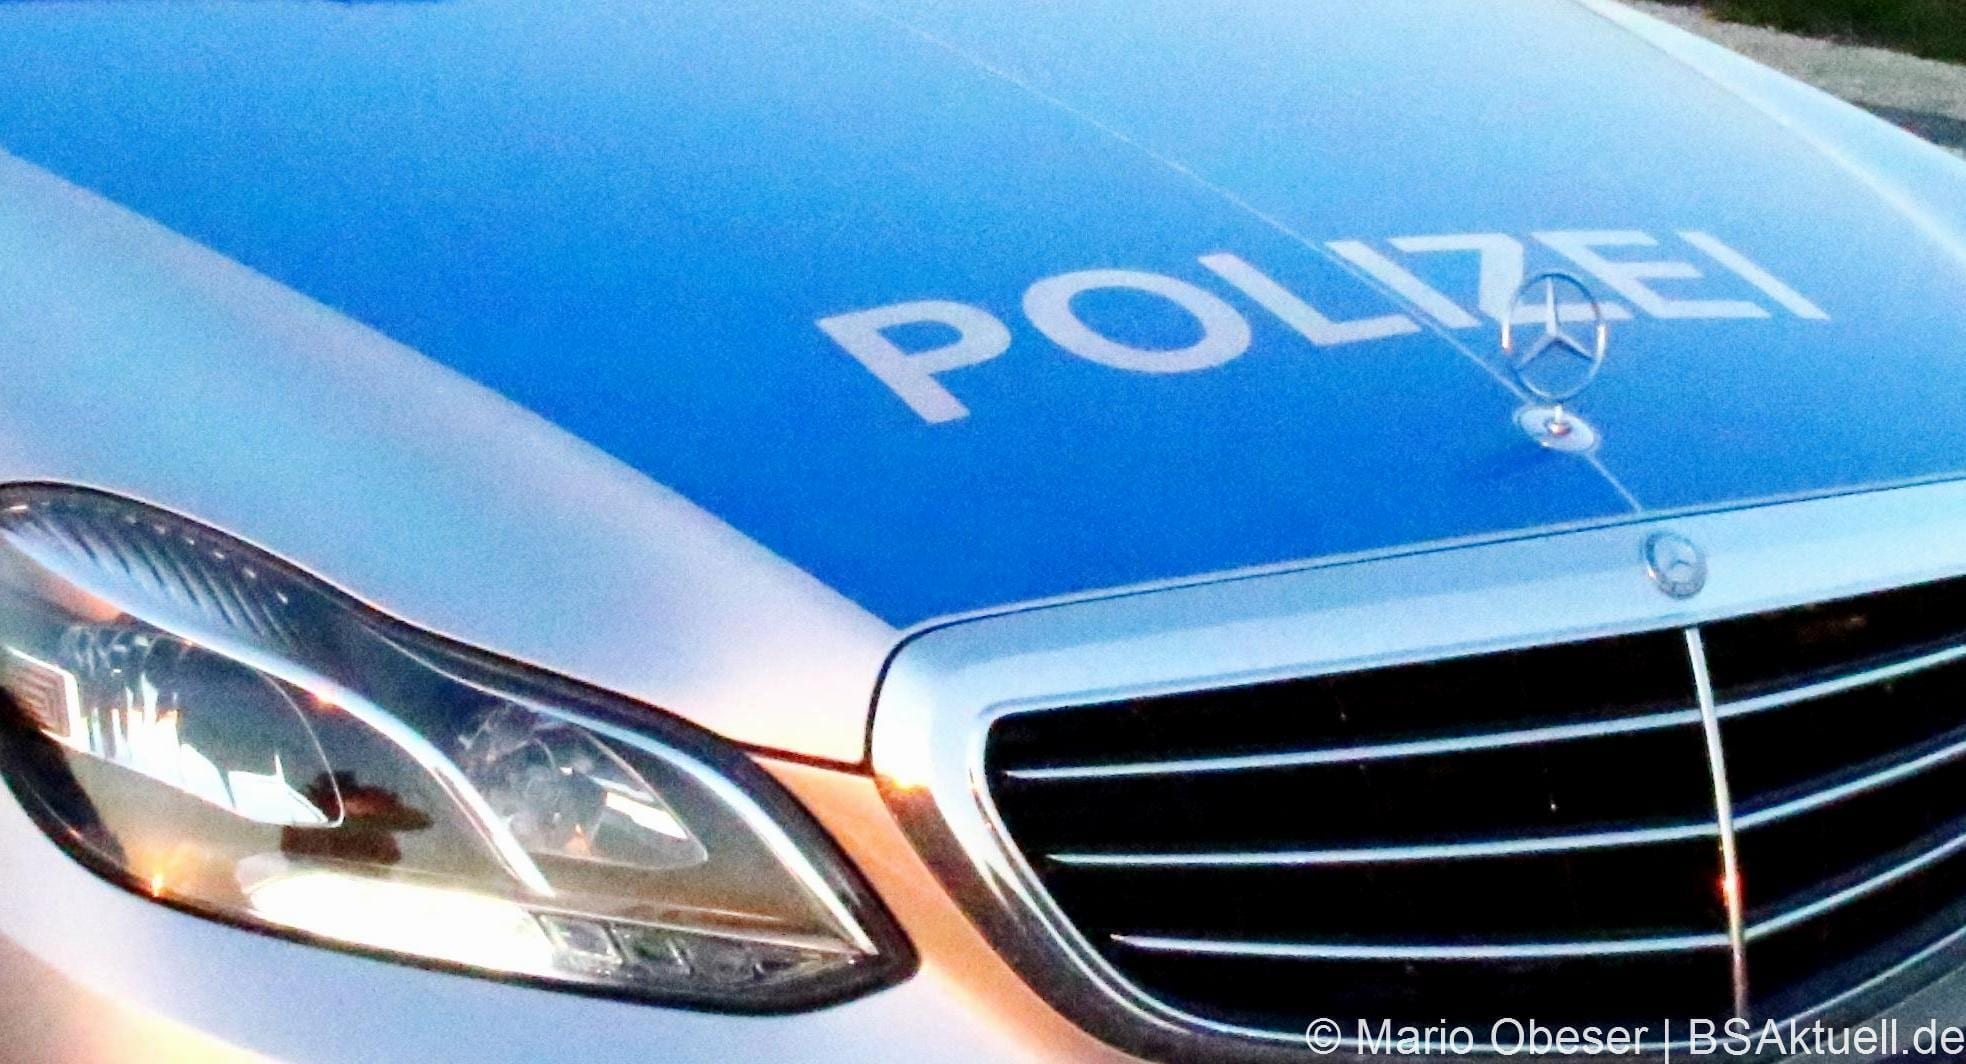 bsaktuell, Polizei, Obeser